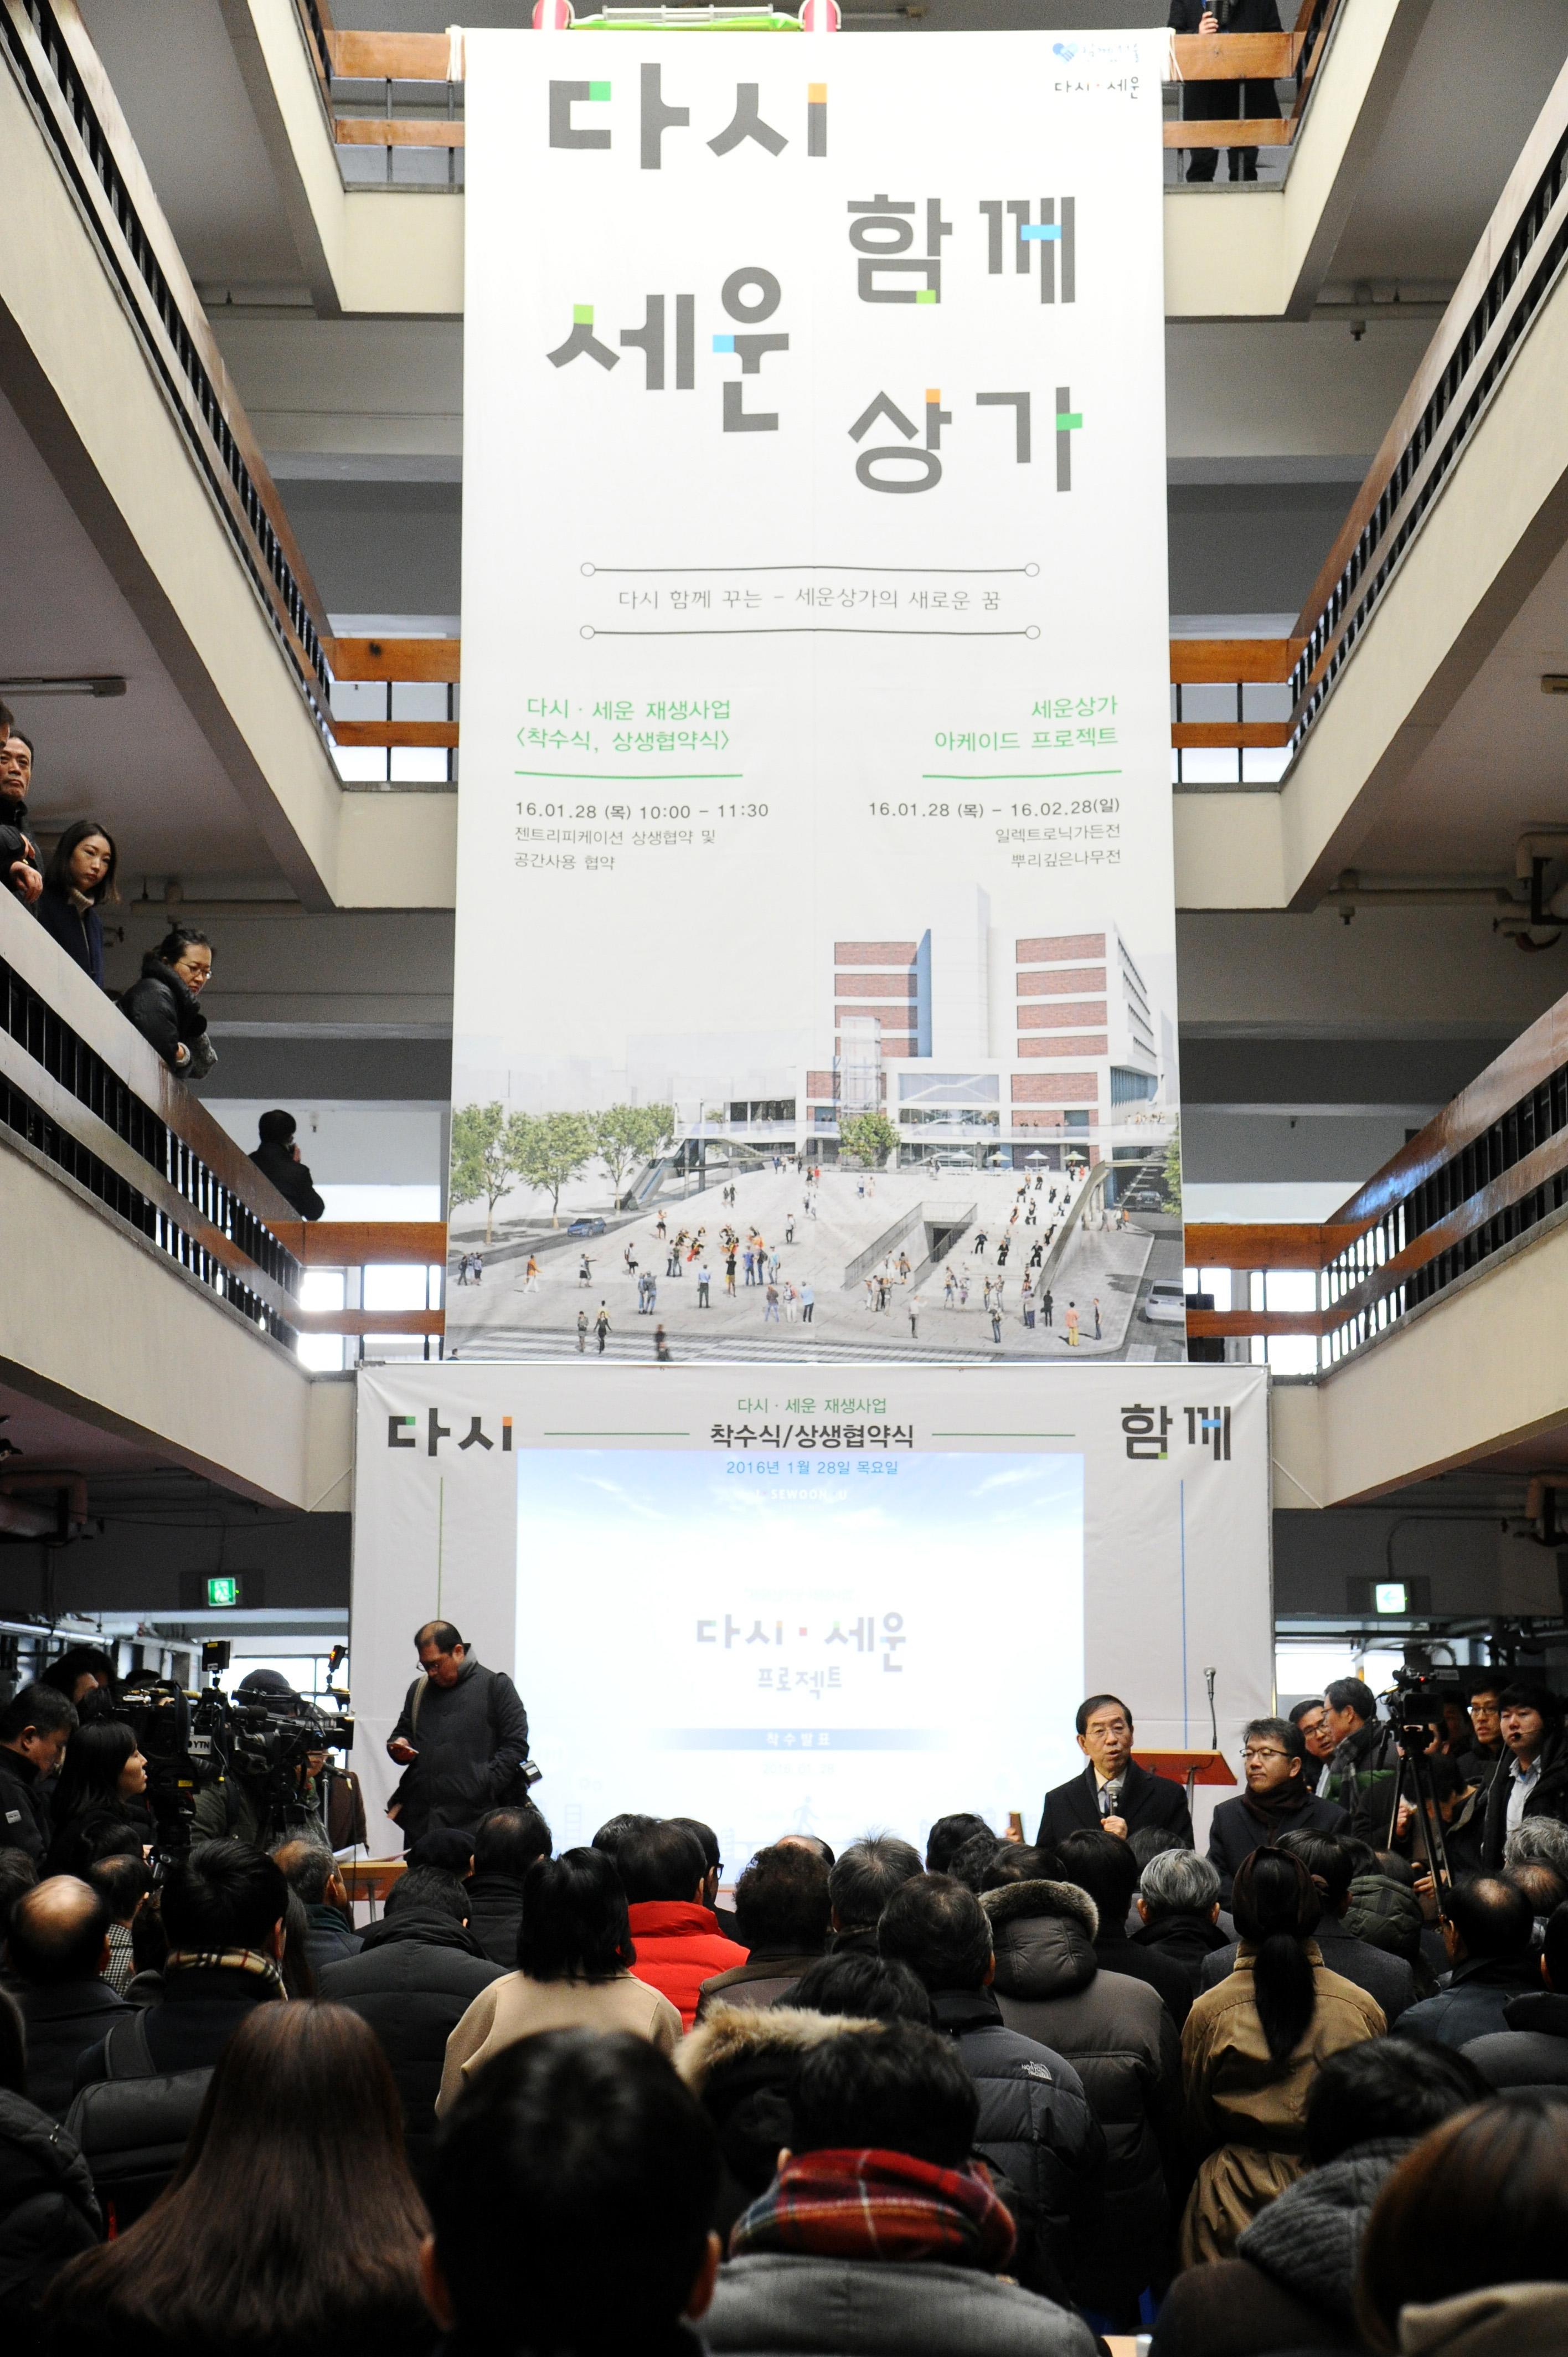 박원순 서울시장이 28일 오전 세운상가에서 '다시·세운 프로젝트' 1단계 사업 착수를 발표하고 있다.